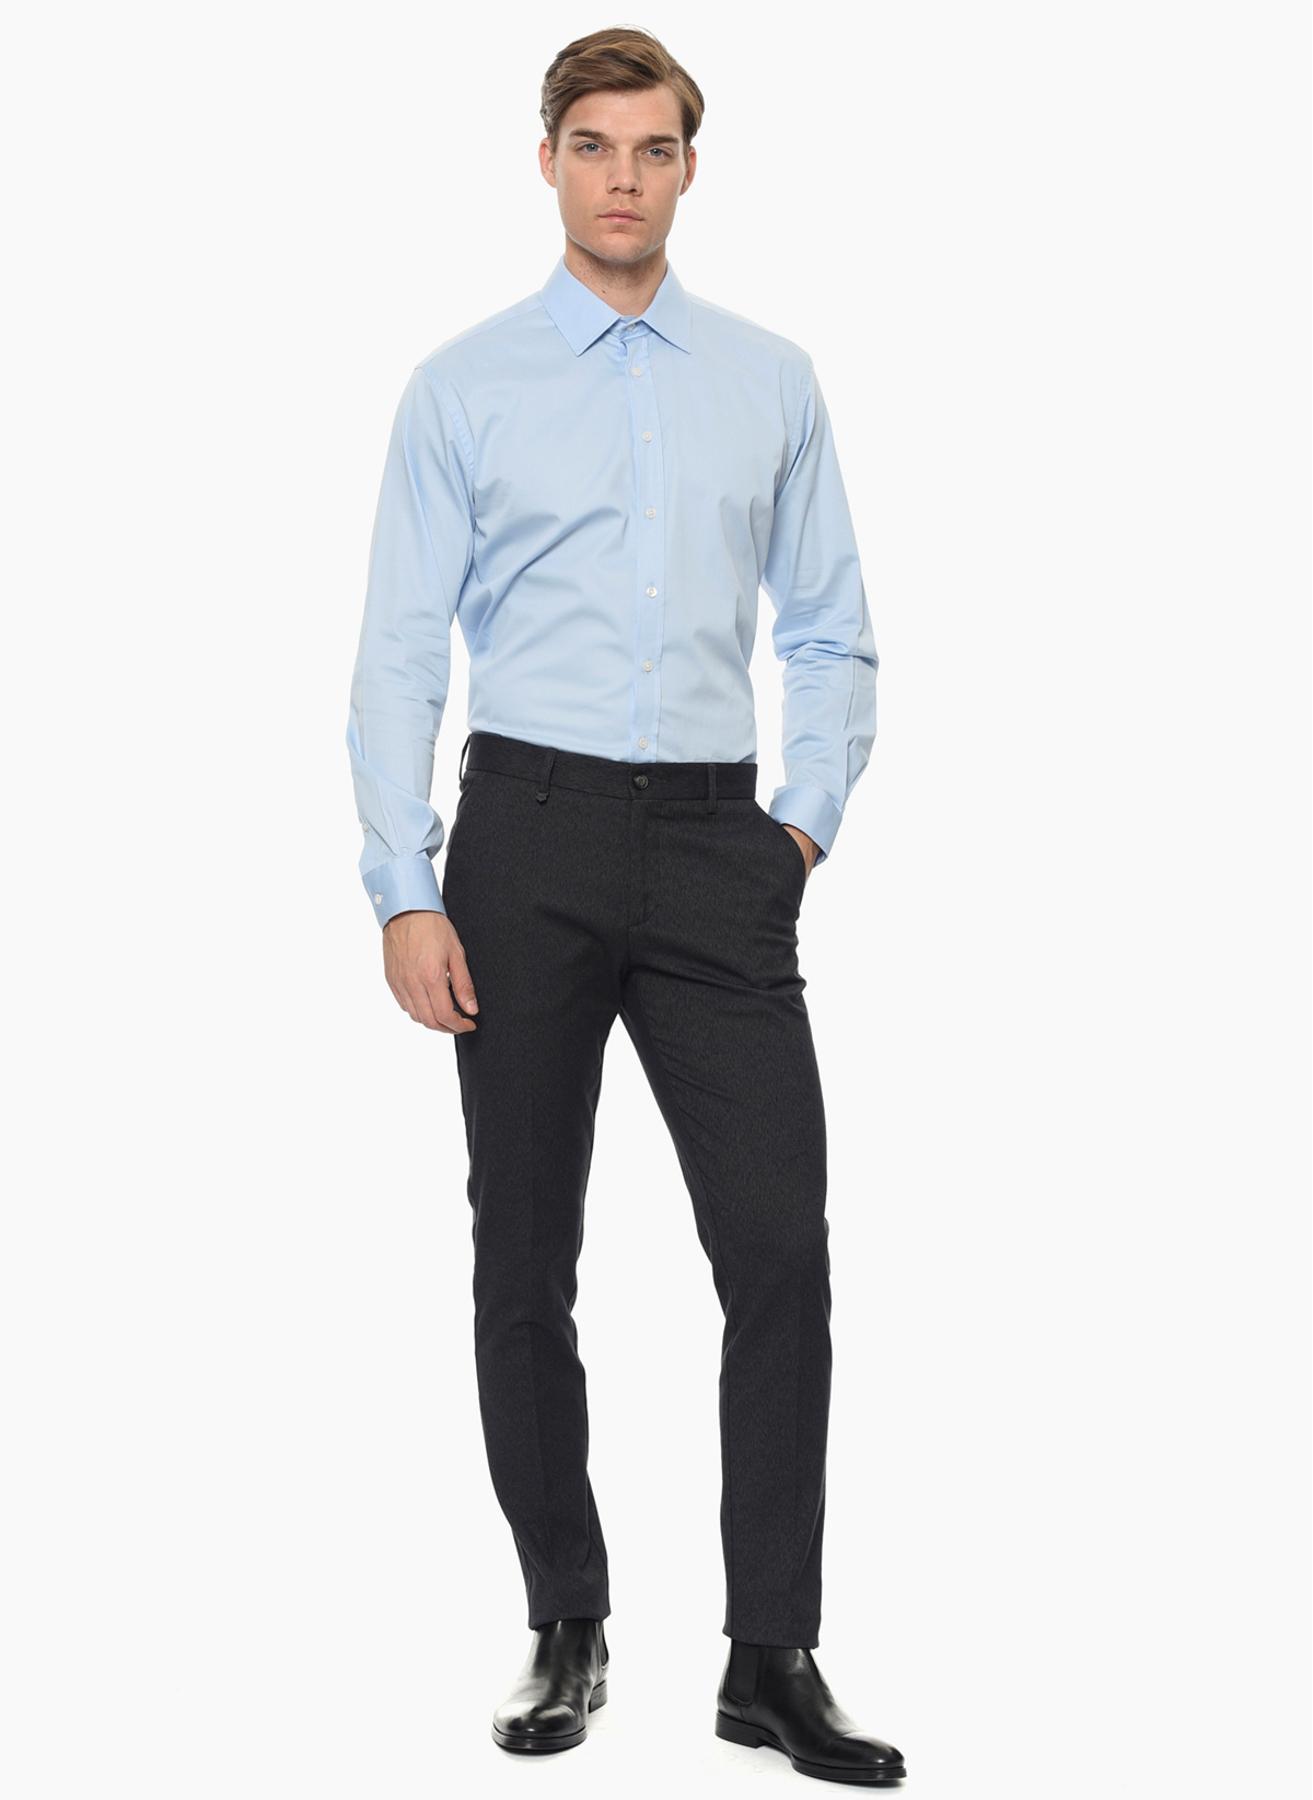 George Hogg Açık Mavi Gömlek 42 5001699353004 Ürün Resmi